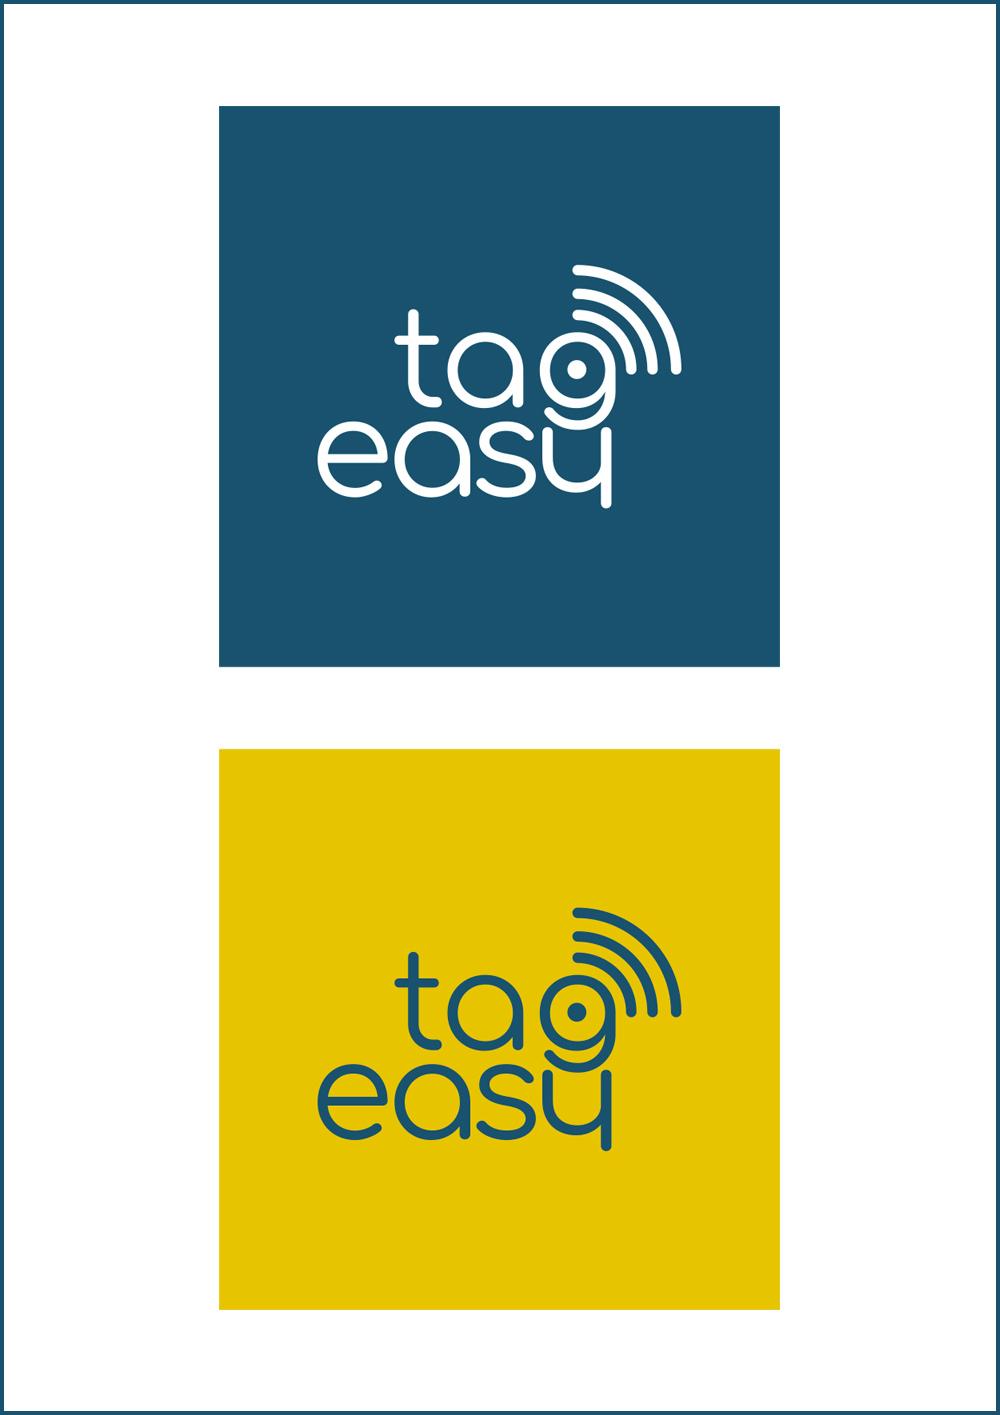 Logo Tag Easy. Manuale: applicazione colore